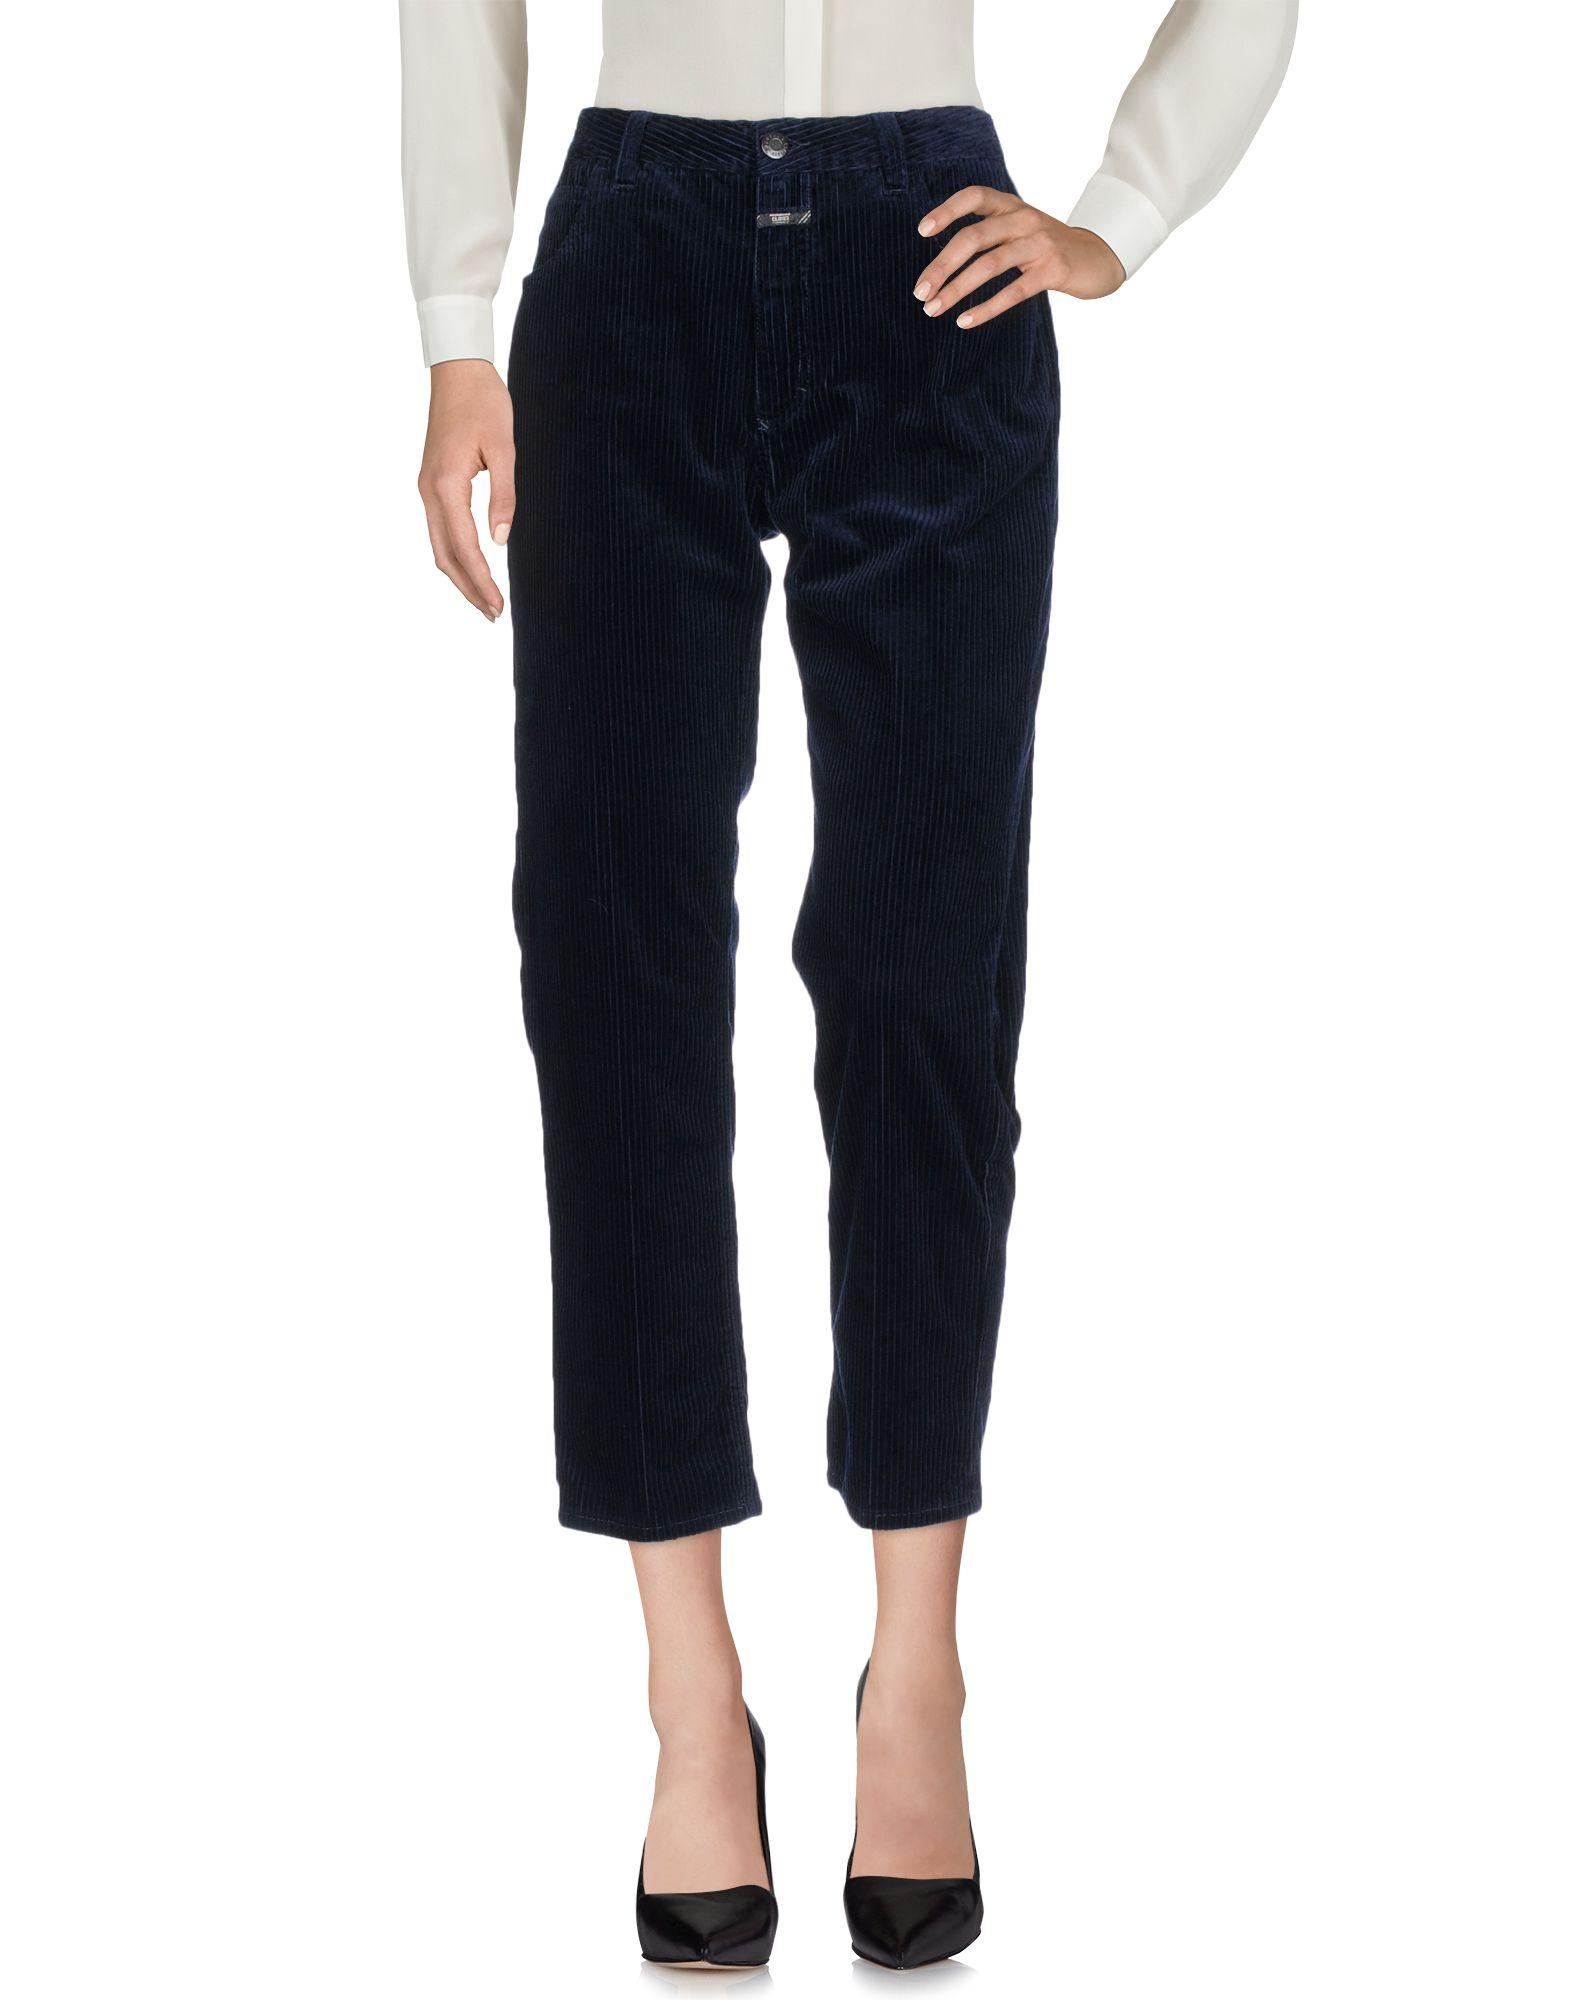 Pantalone Closed donna donna donna - 13184244RL 156